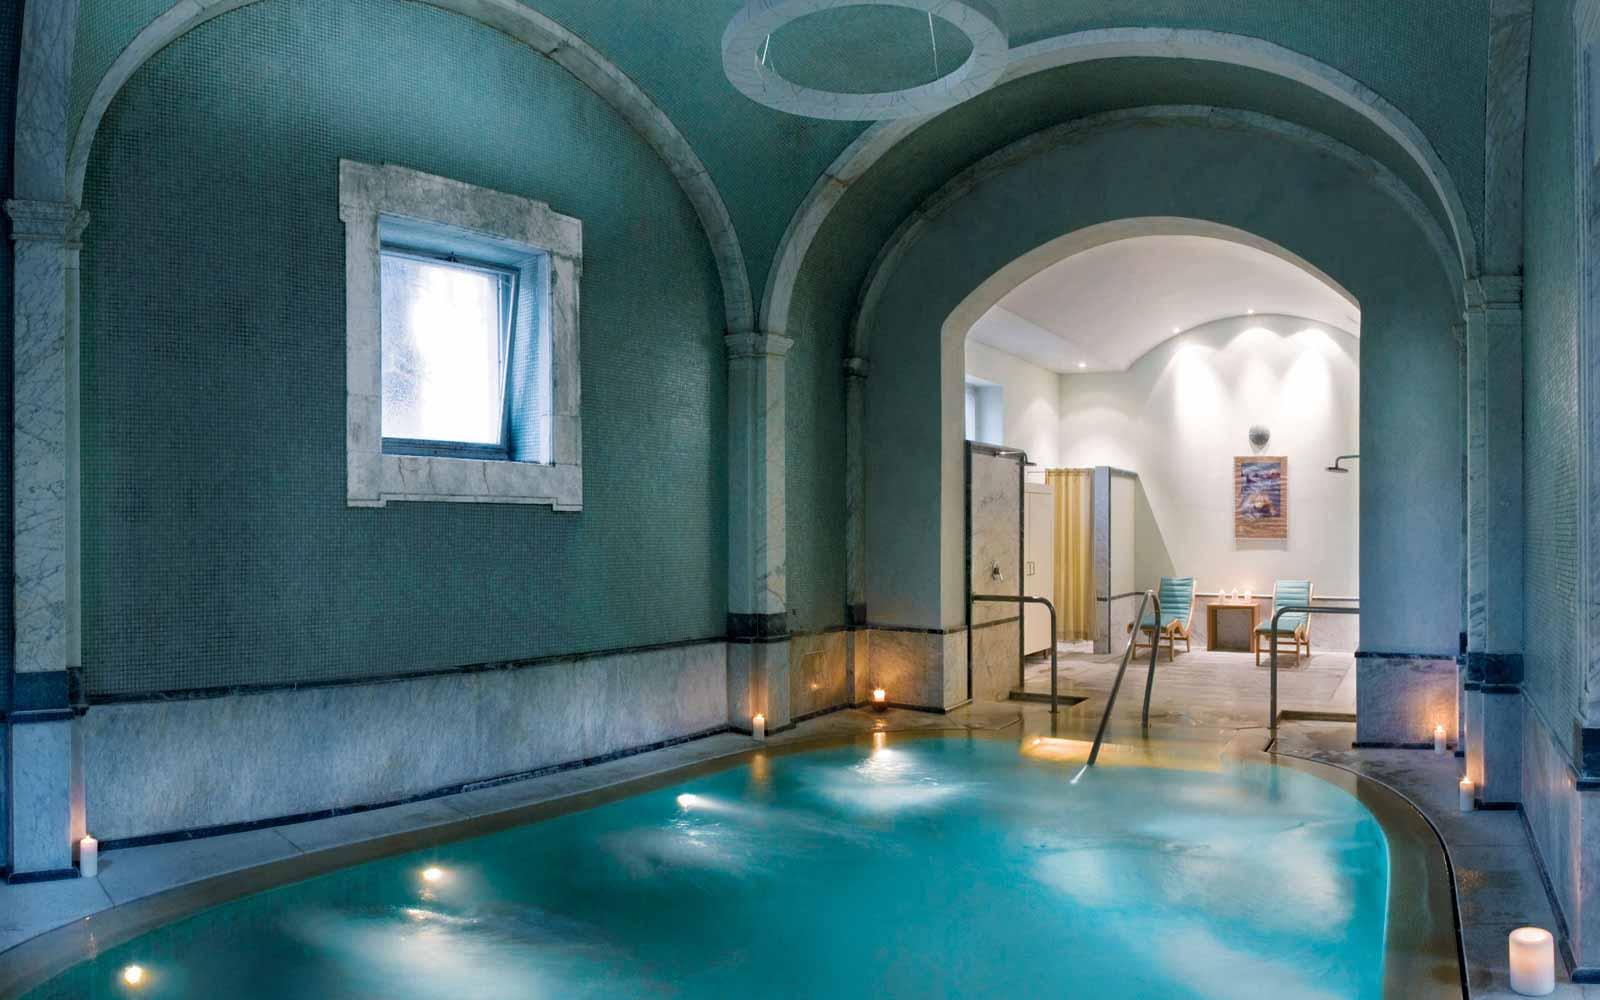 Bagni di Pisa Natural Spa indoor Thermal pool